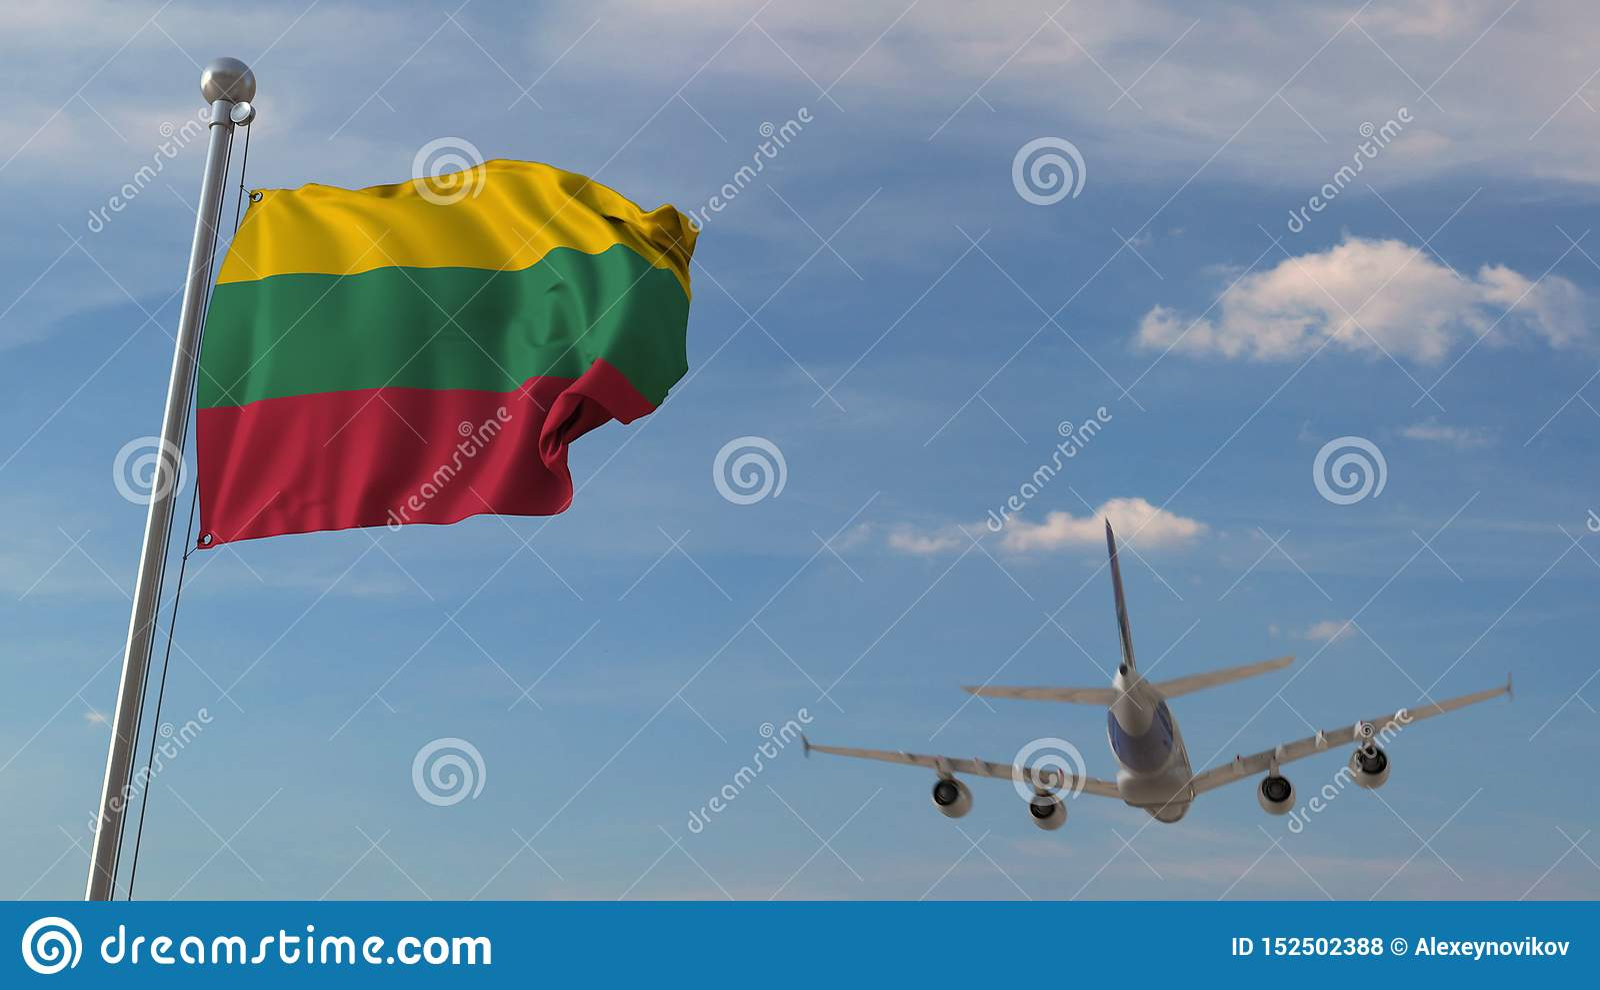 Aeroplano commerciale che sorvola bandiera nazionale della Lituania Il trasporto di aria lituano ha collegato la rappresentazione